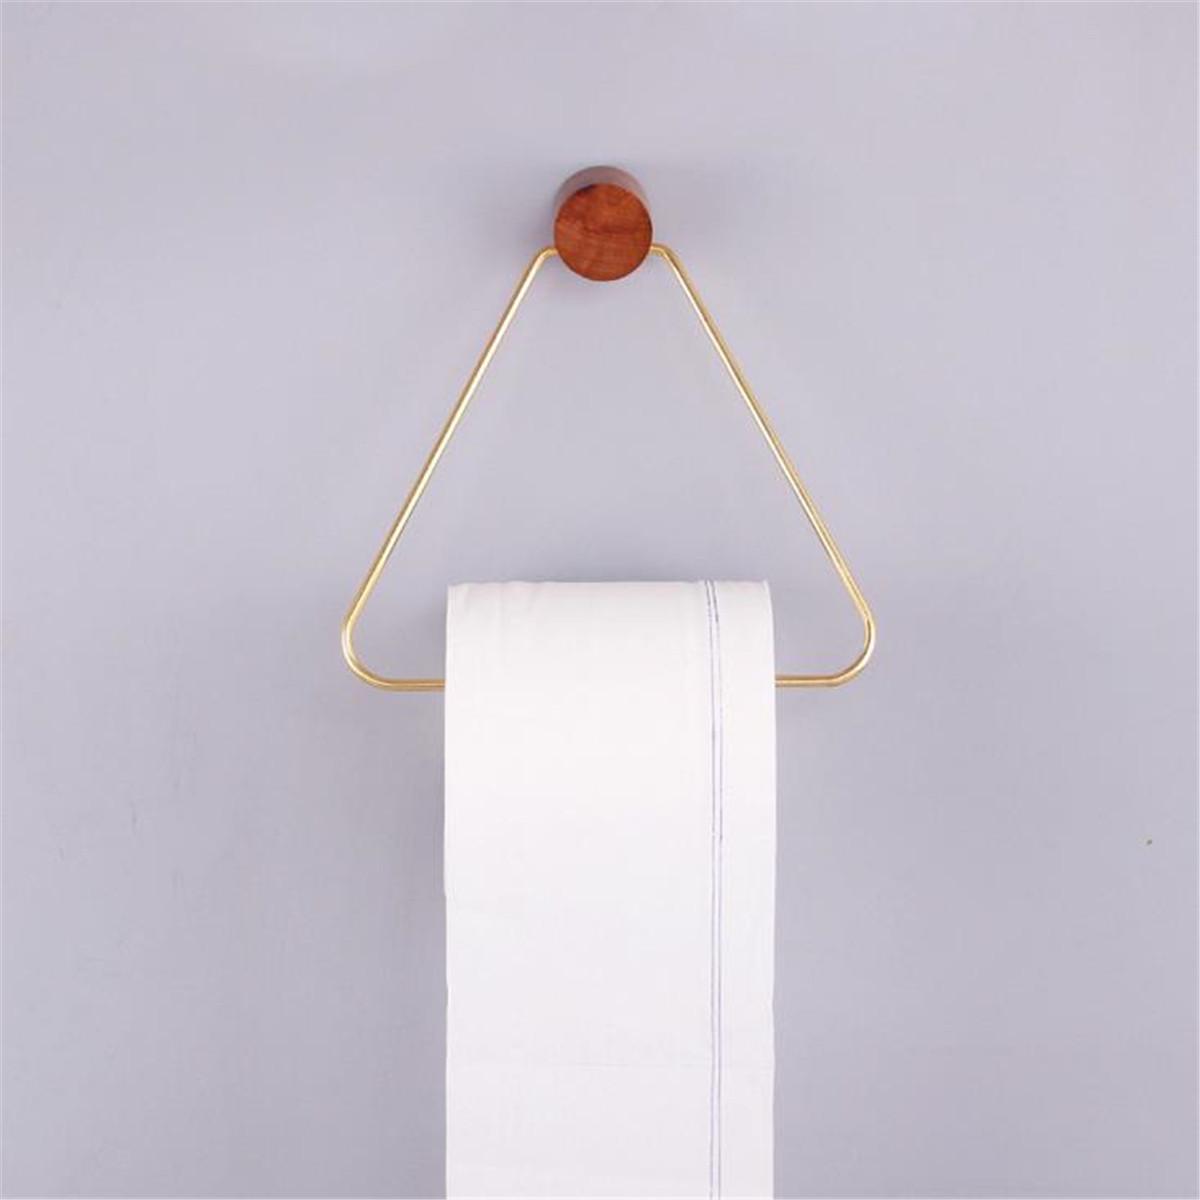 Triangle Туалетная бумага Полотенце Держатель для полки Ретро настенный крепеж для хранения ткани Рулонная стойка Ванная комната - 1TopShop